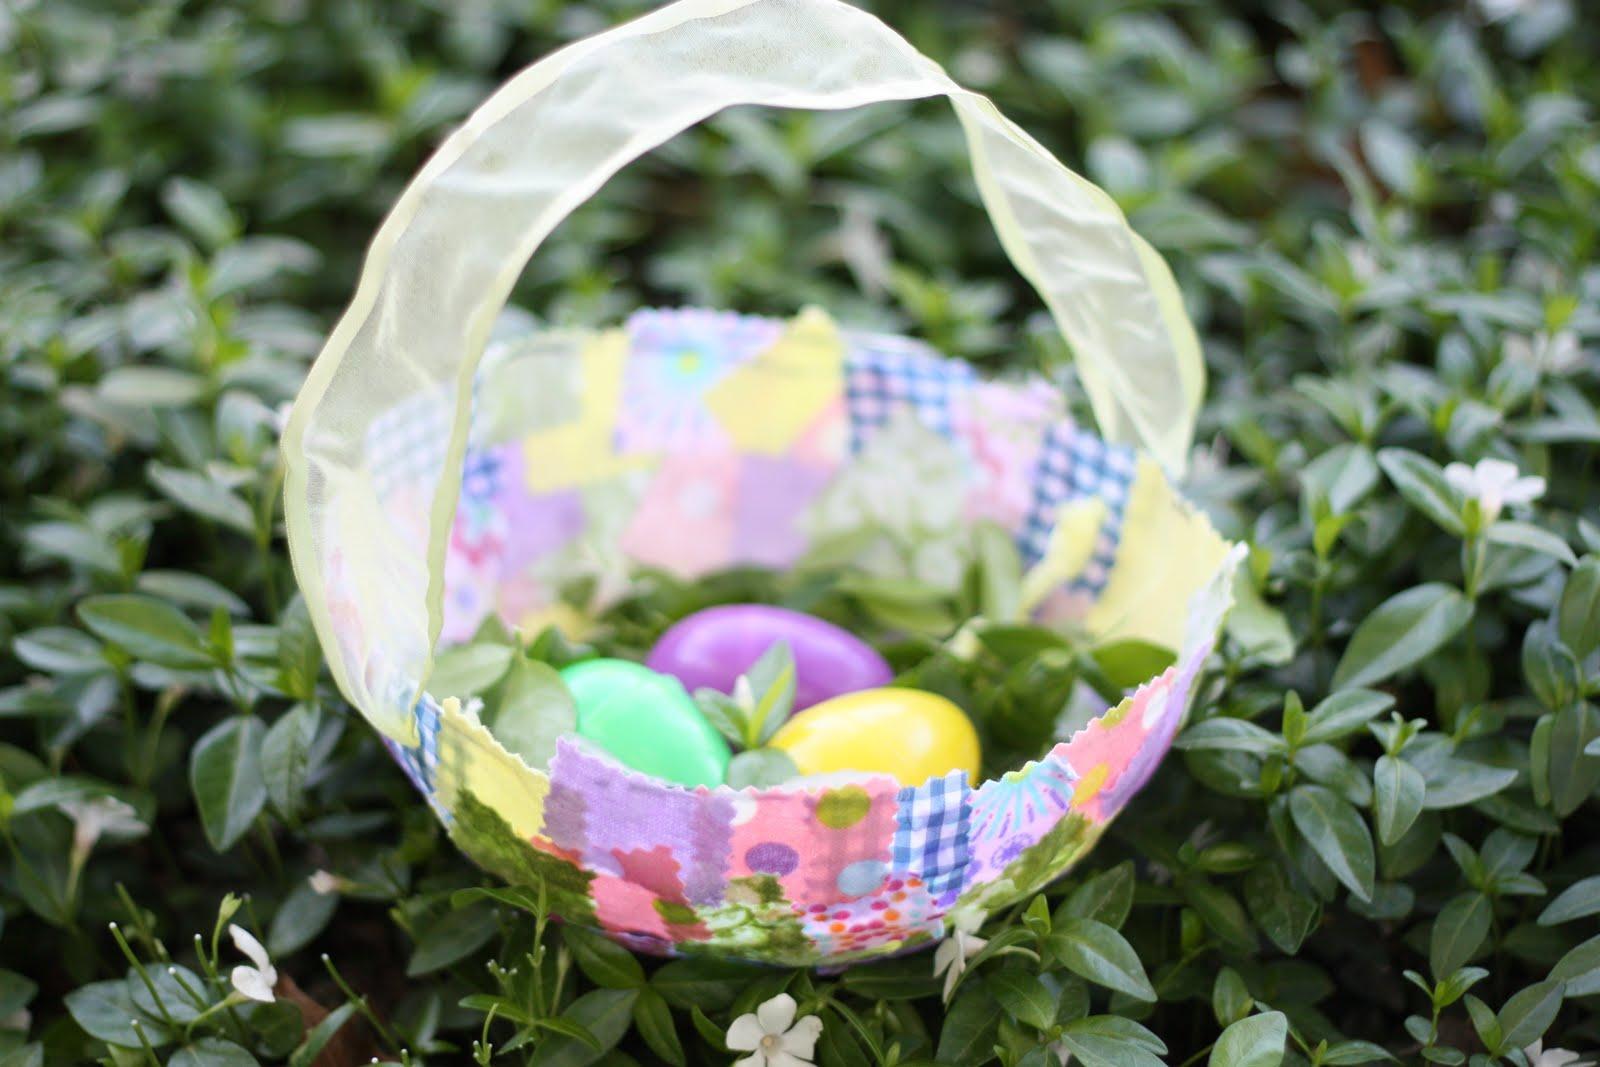 BalloonBasket